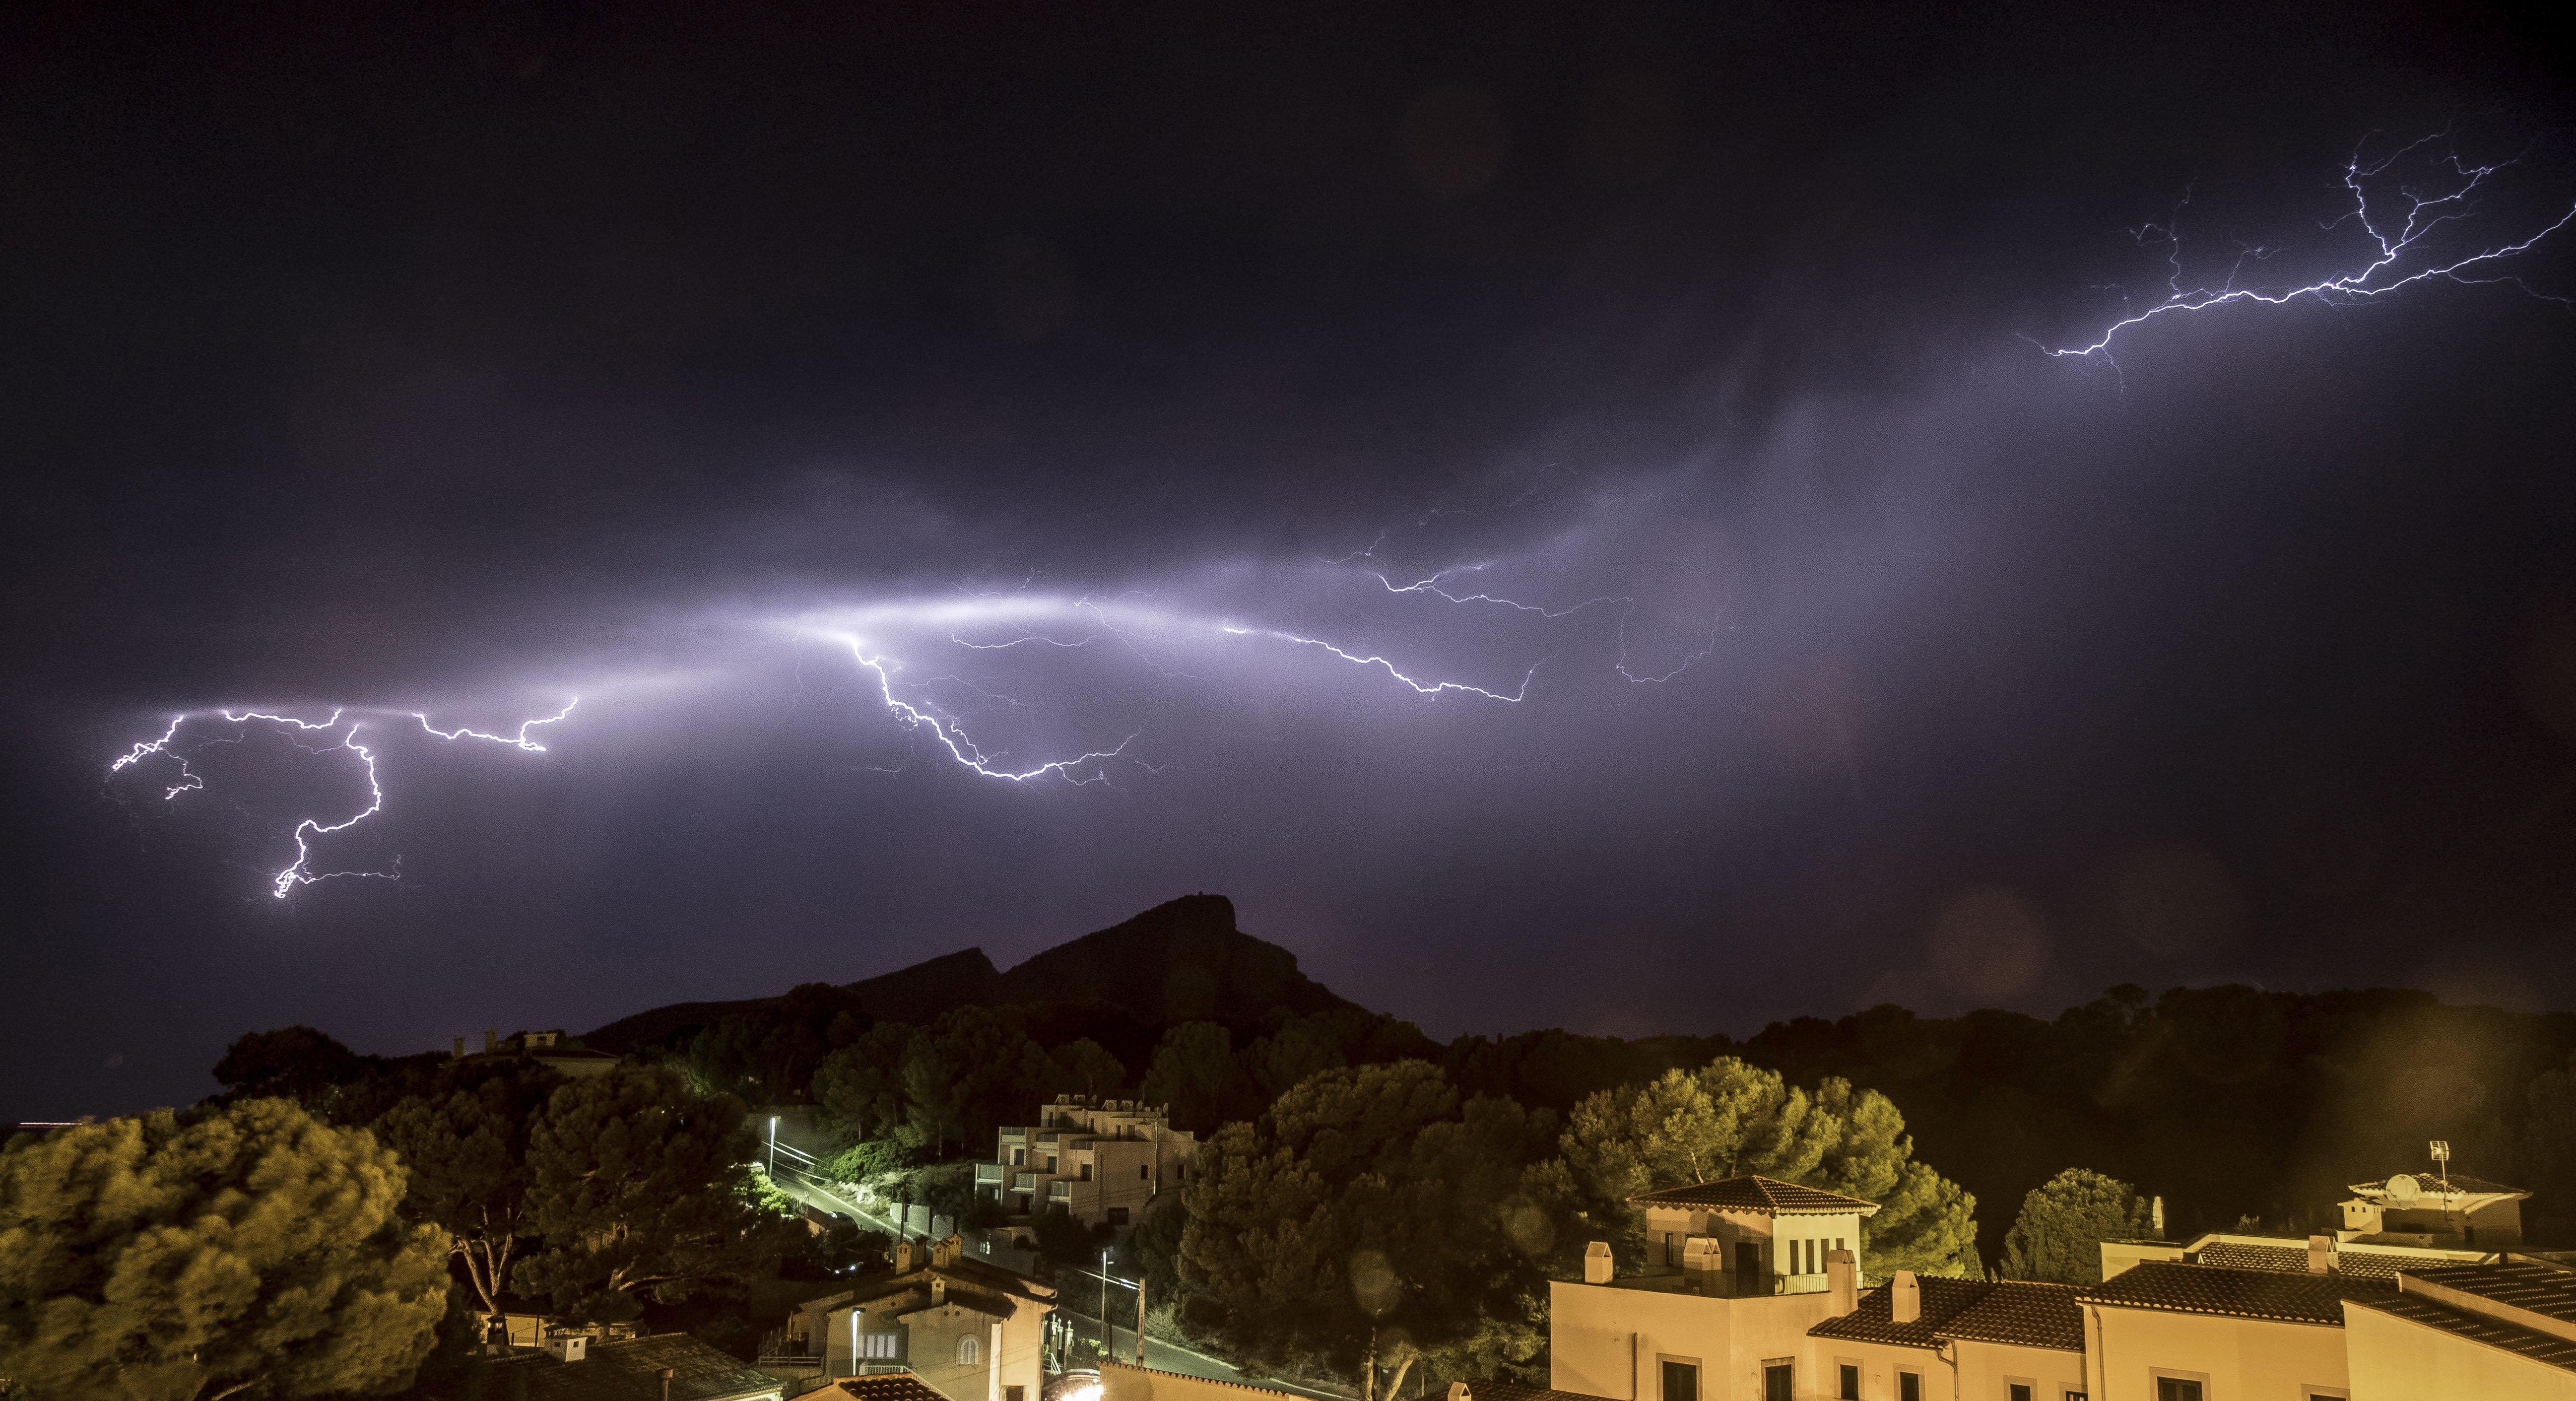 Vista d'un dels centenars de llamps que han caigut aquesta matinada a Sant Elm, Andratx, a l'illa de Mallorca. /CATI CLADERA